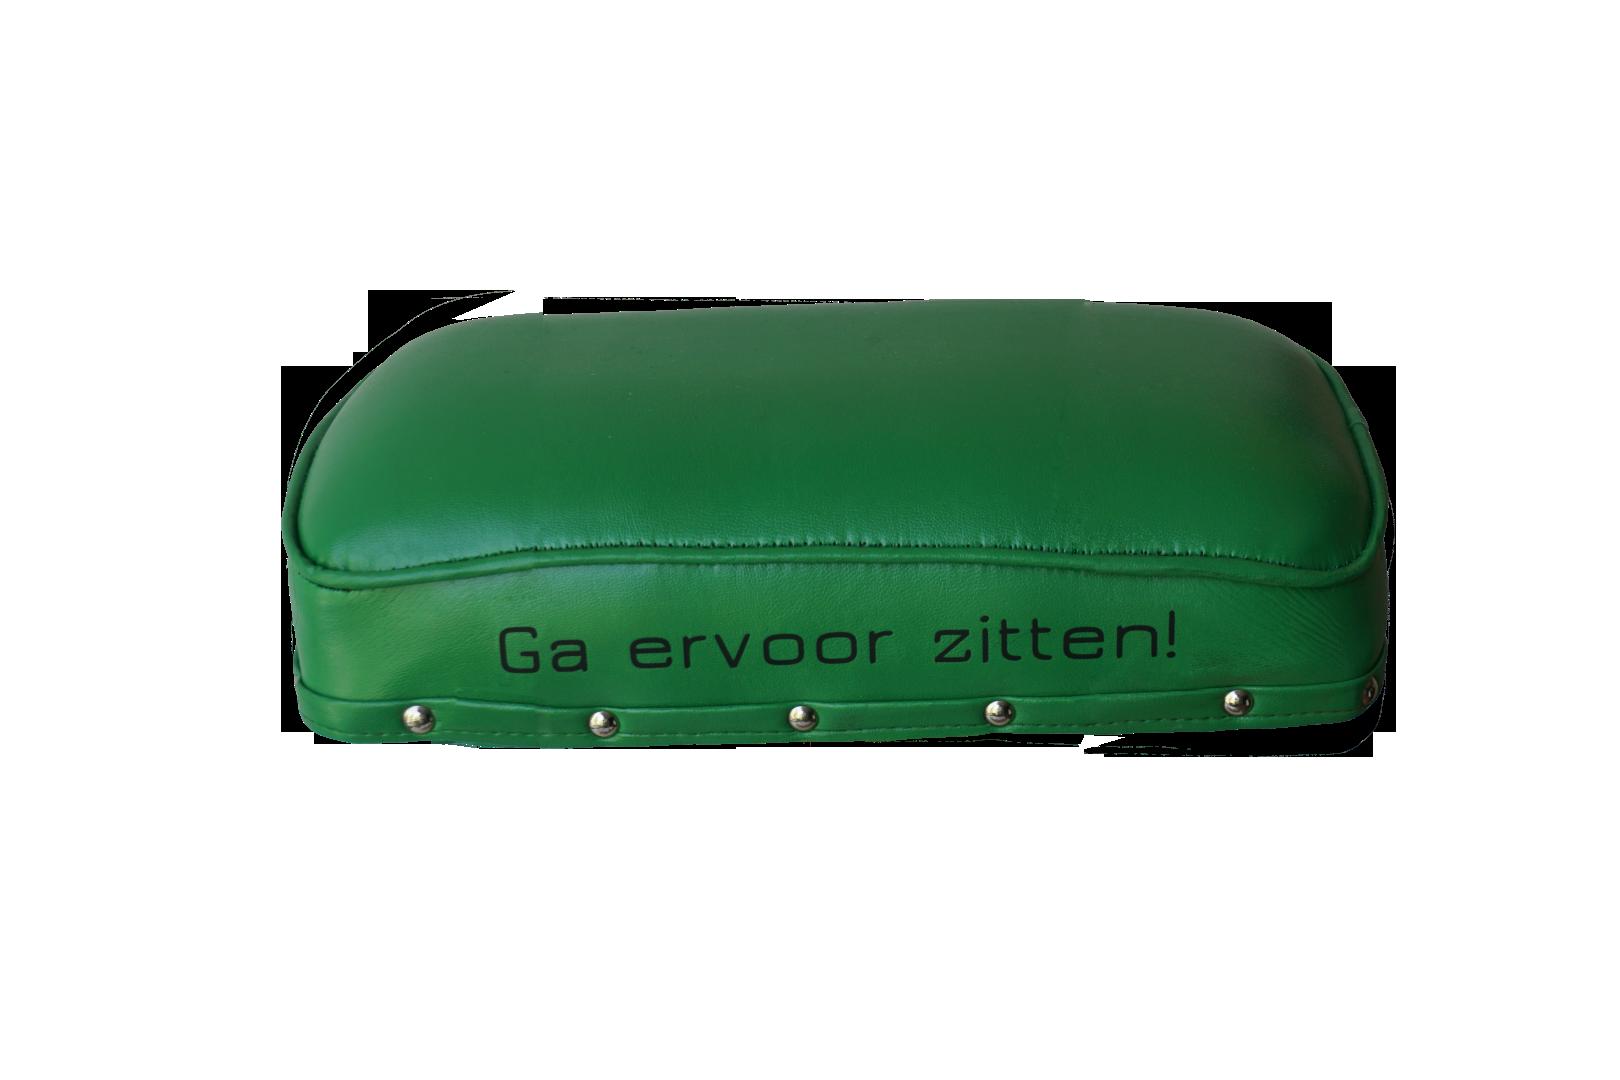 Kussen Fiets Achterop : De groene kussen toerspecial koter handgemaakte keniaanse